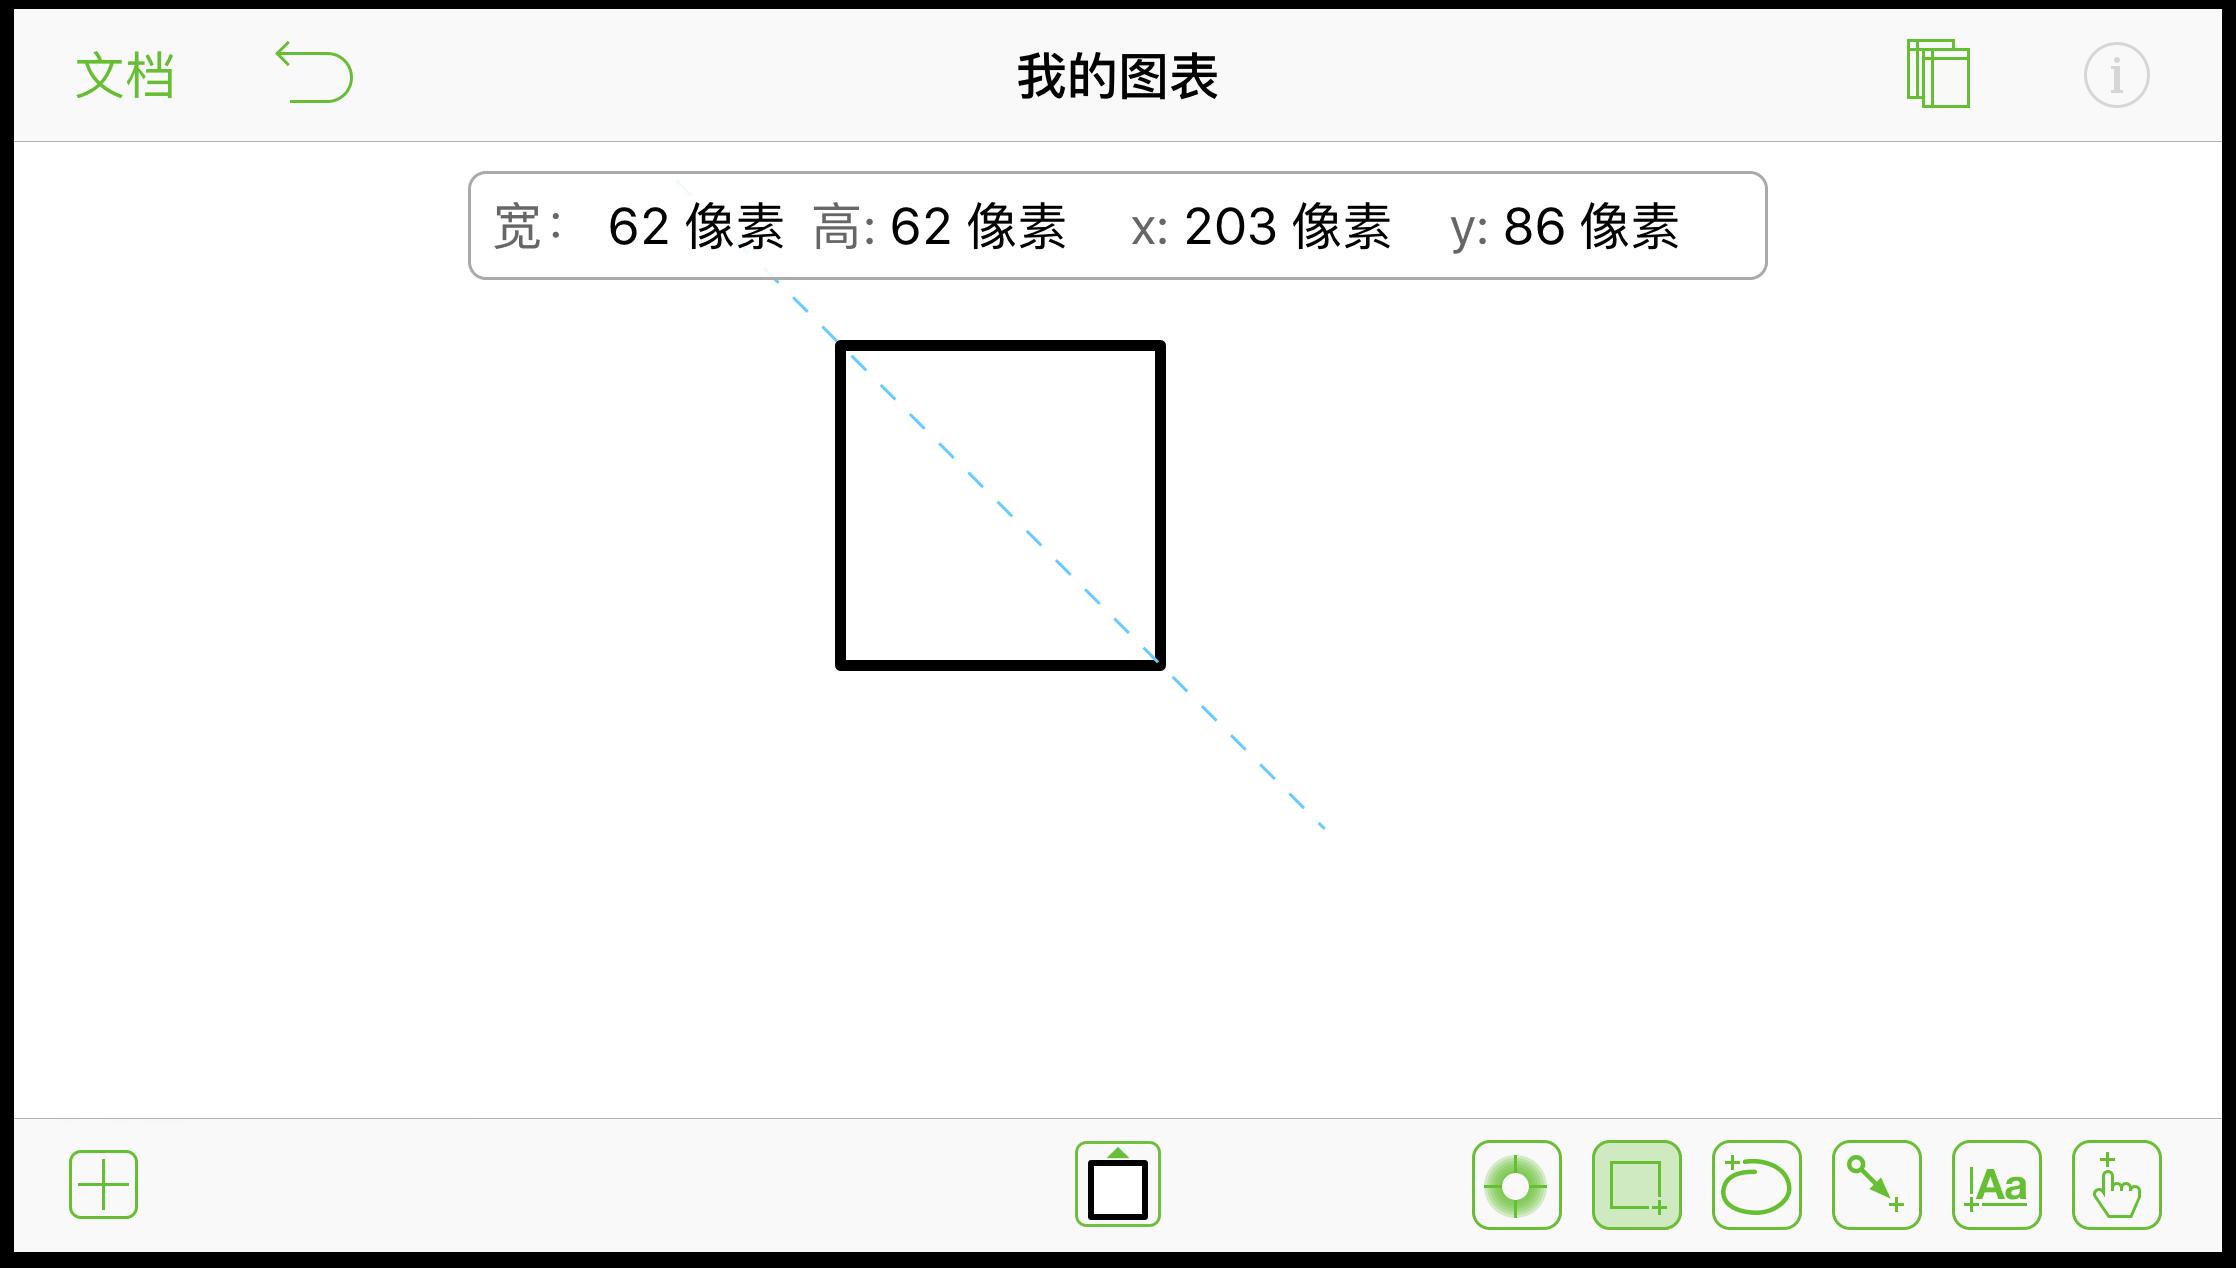 在版面上绘制一个形状